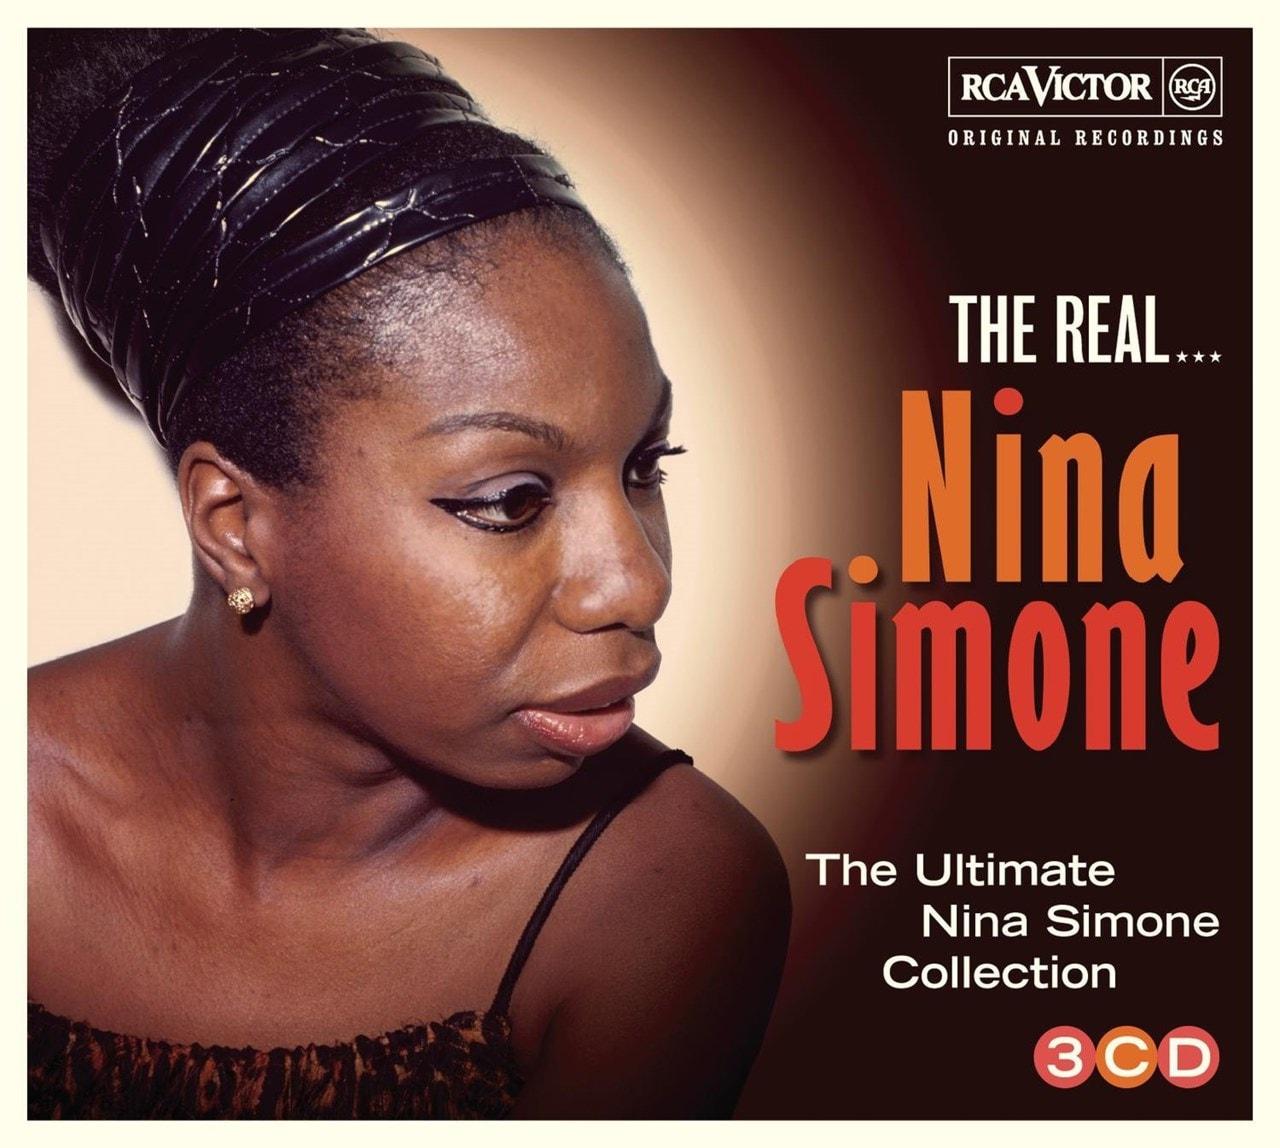 The Real... Nina Simone - 1